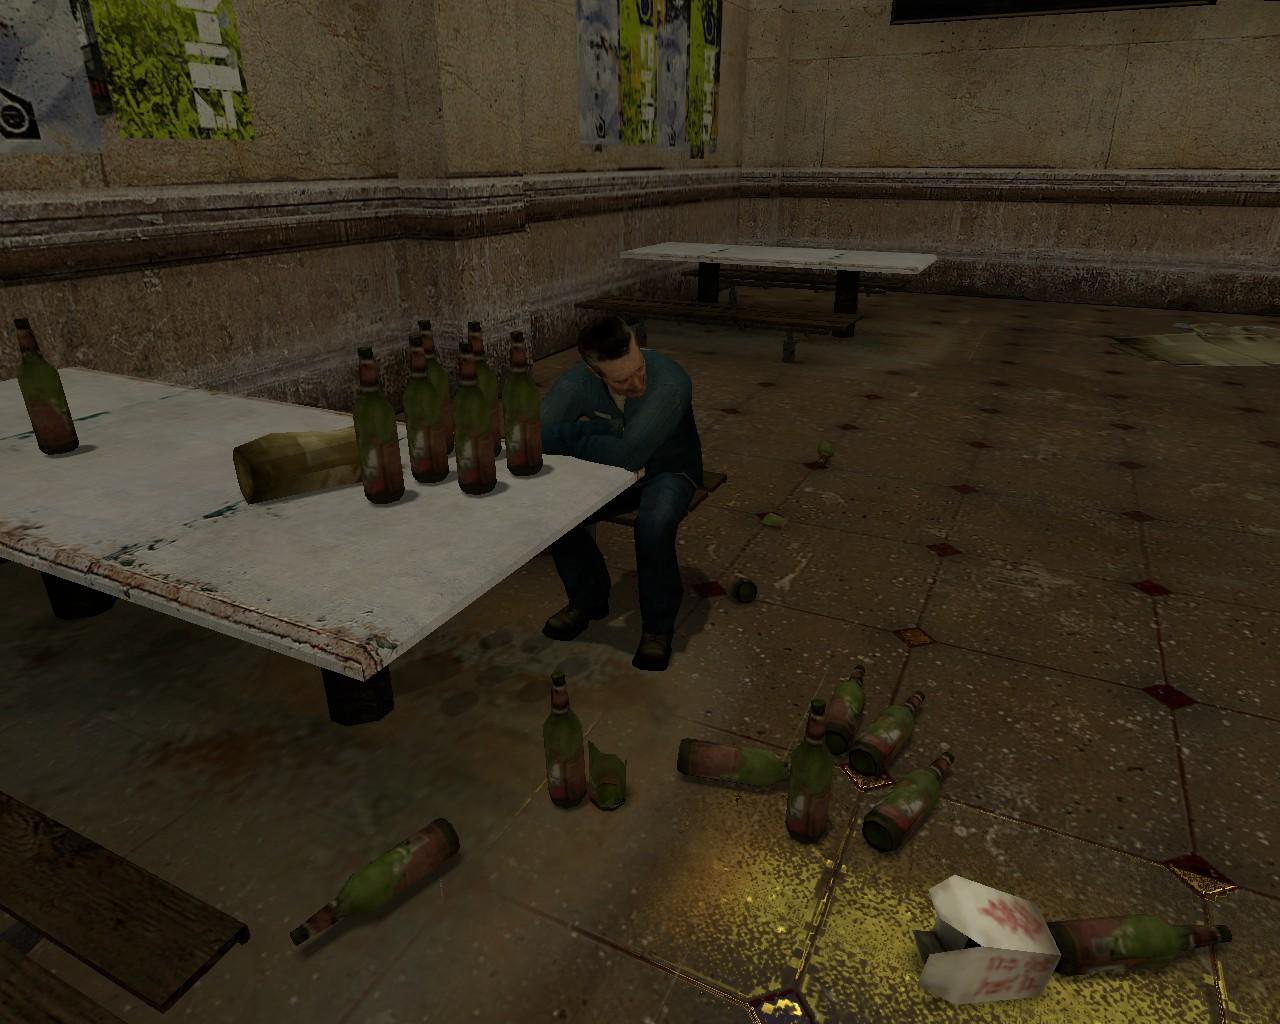 d1_trainstation_010002.jpg - Half-Life 2